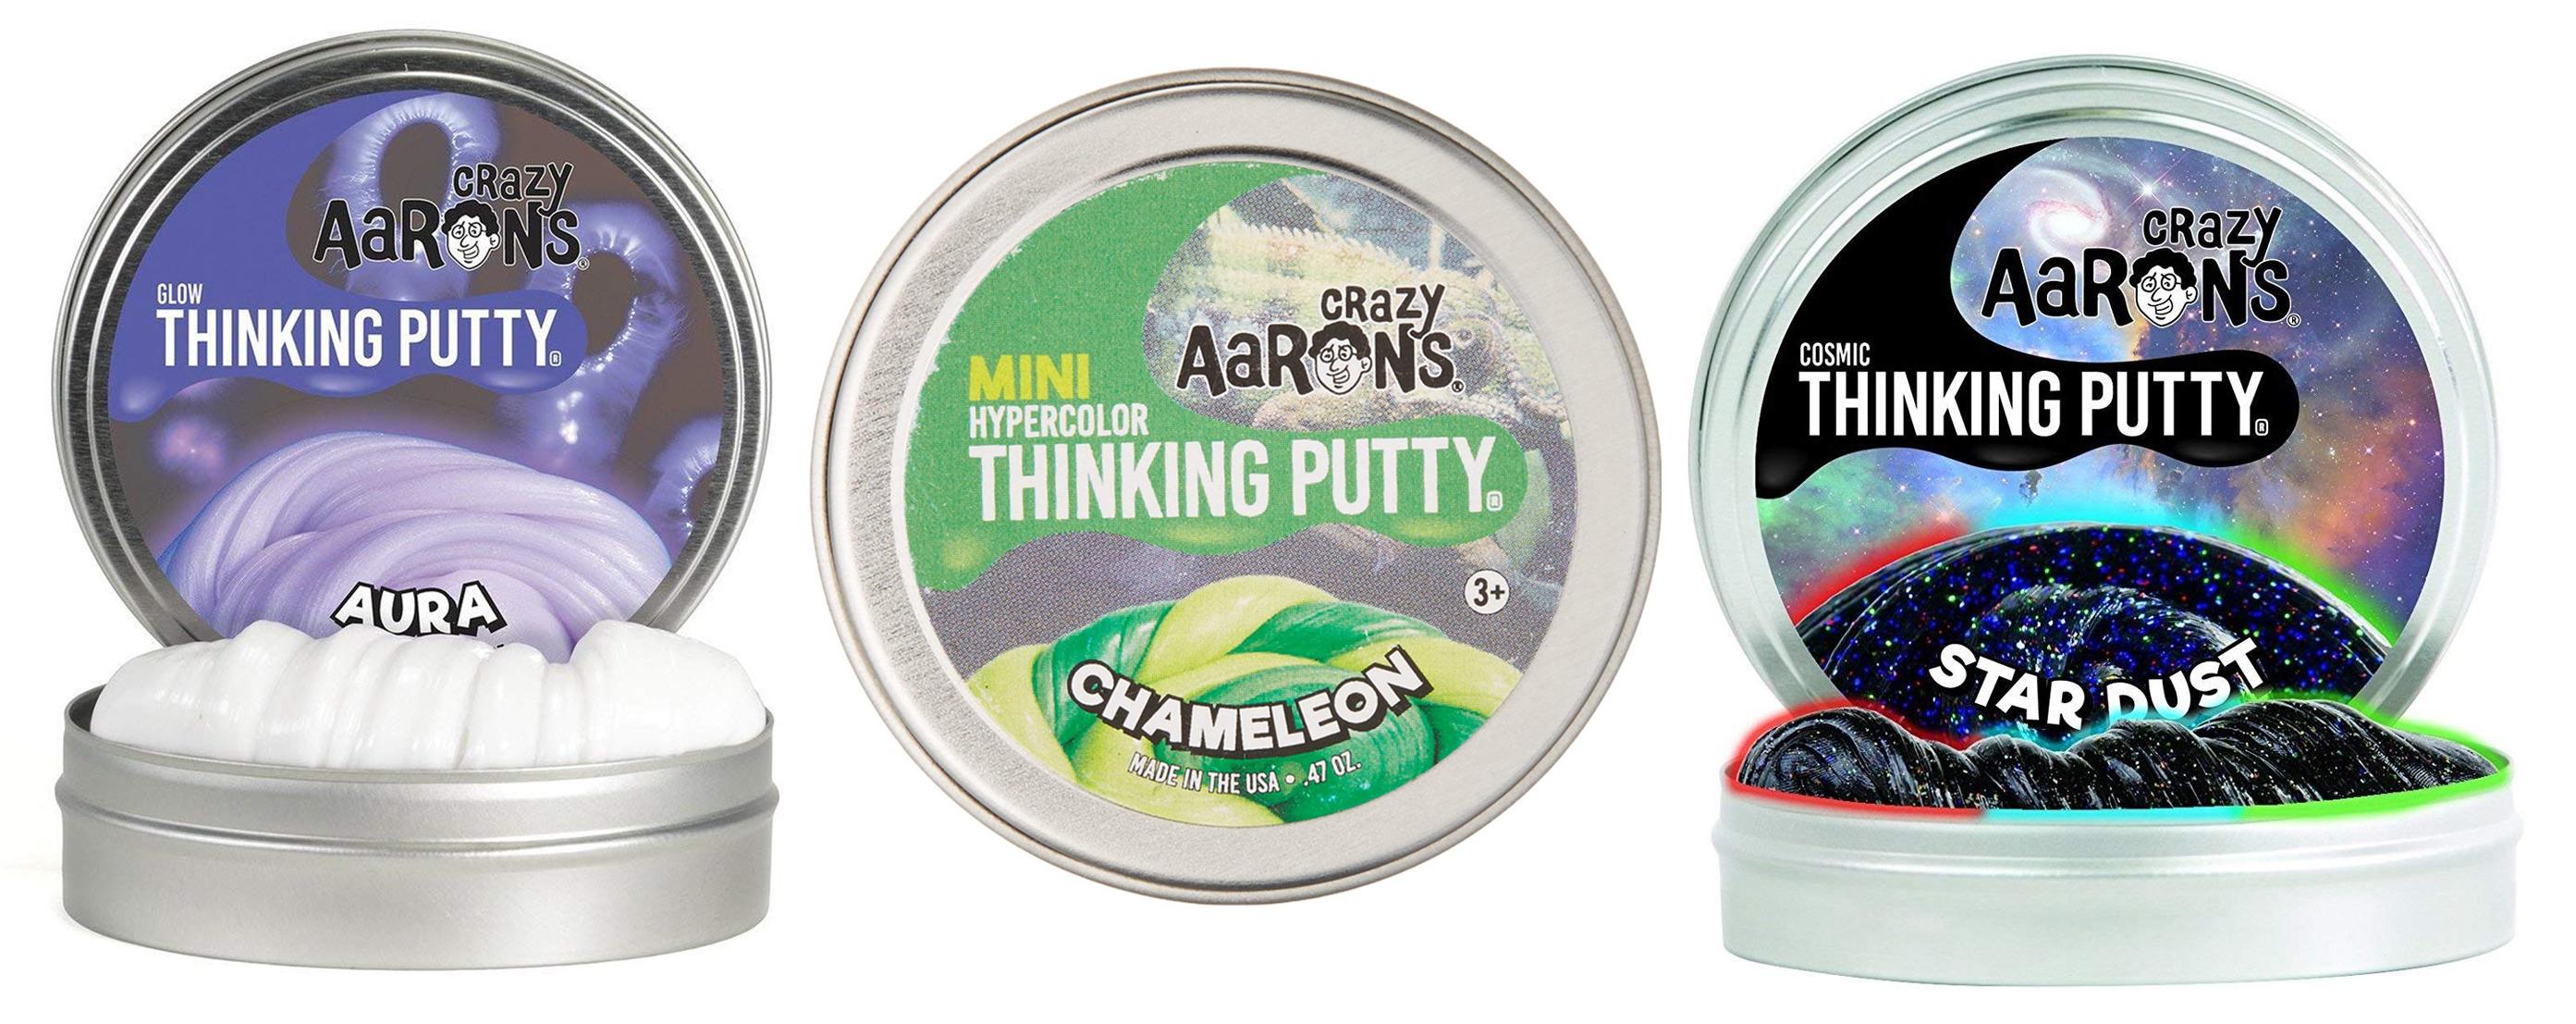 Aaron's Thinking Putty